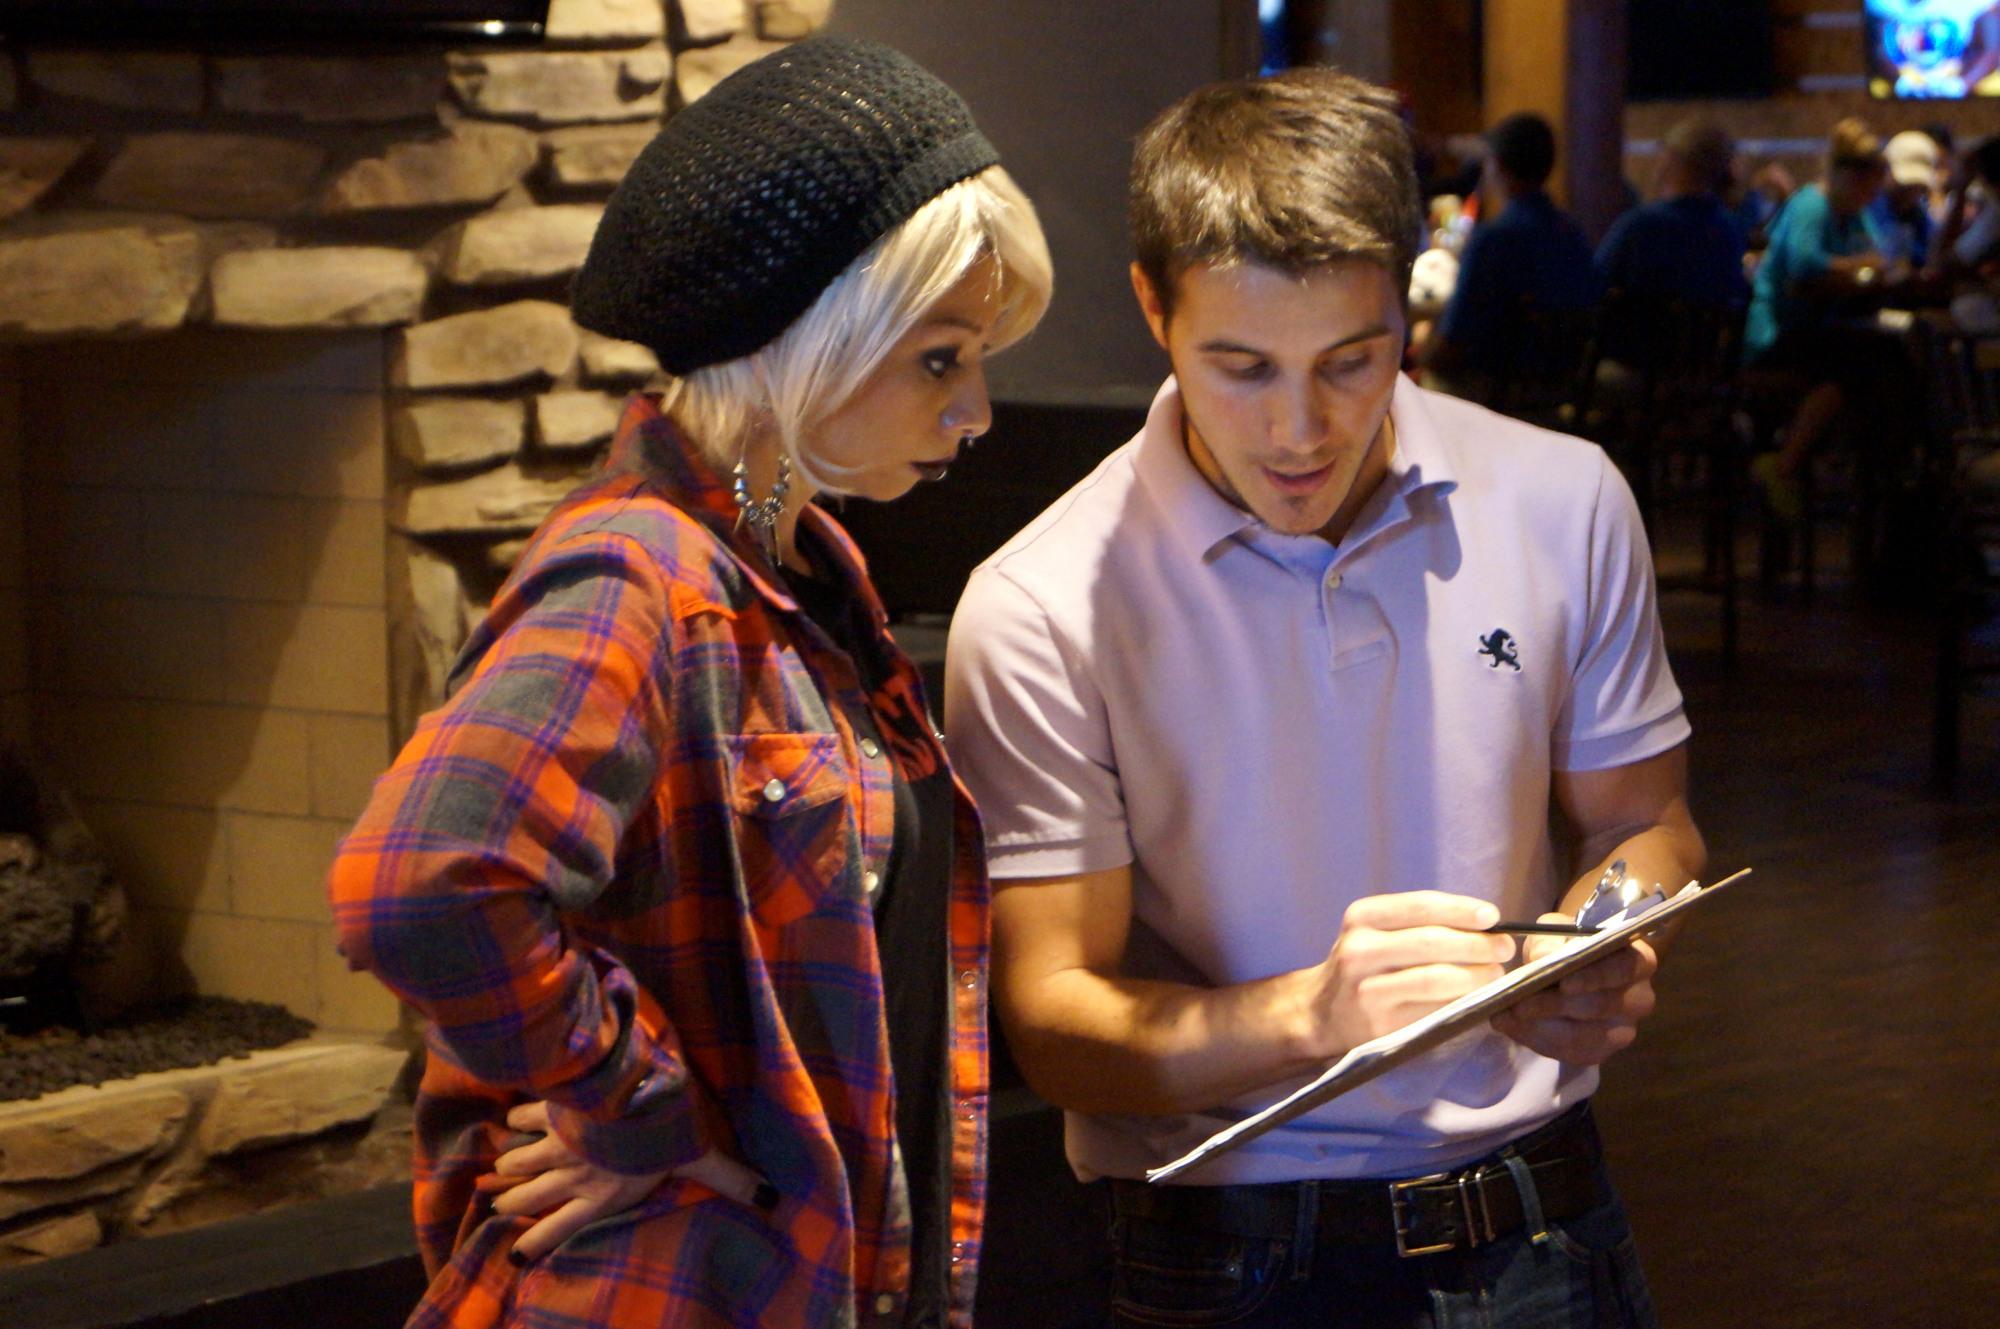 Marissa of Twin Peaks in Season 5 Episode 14